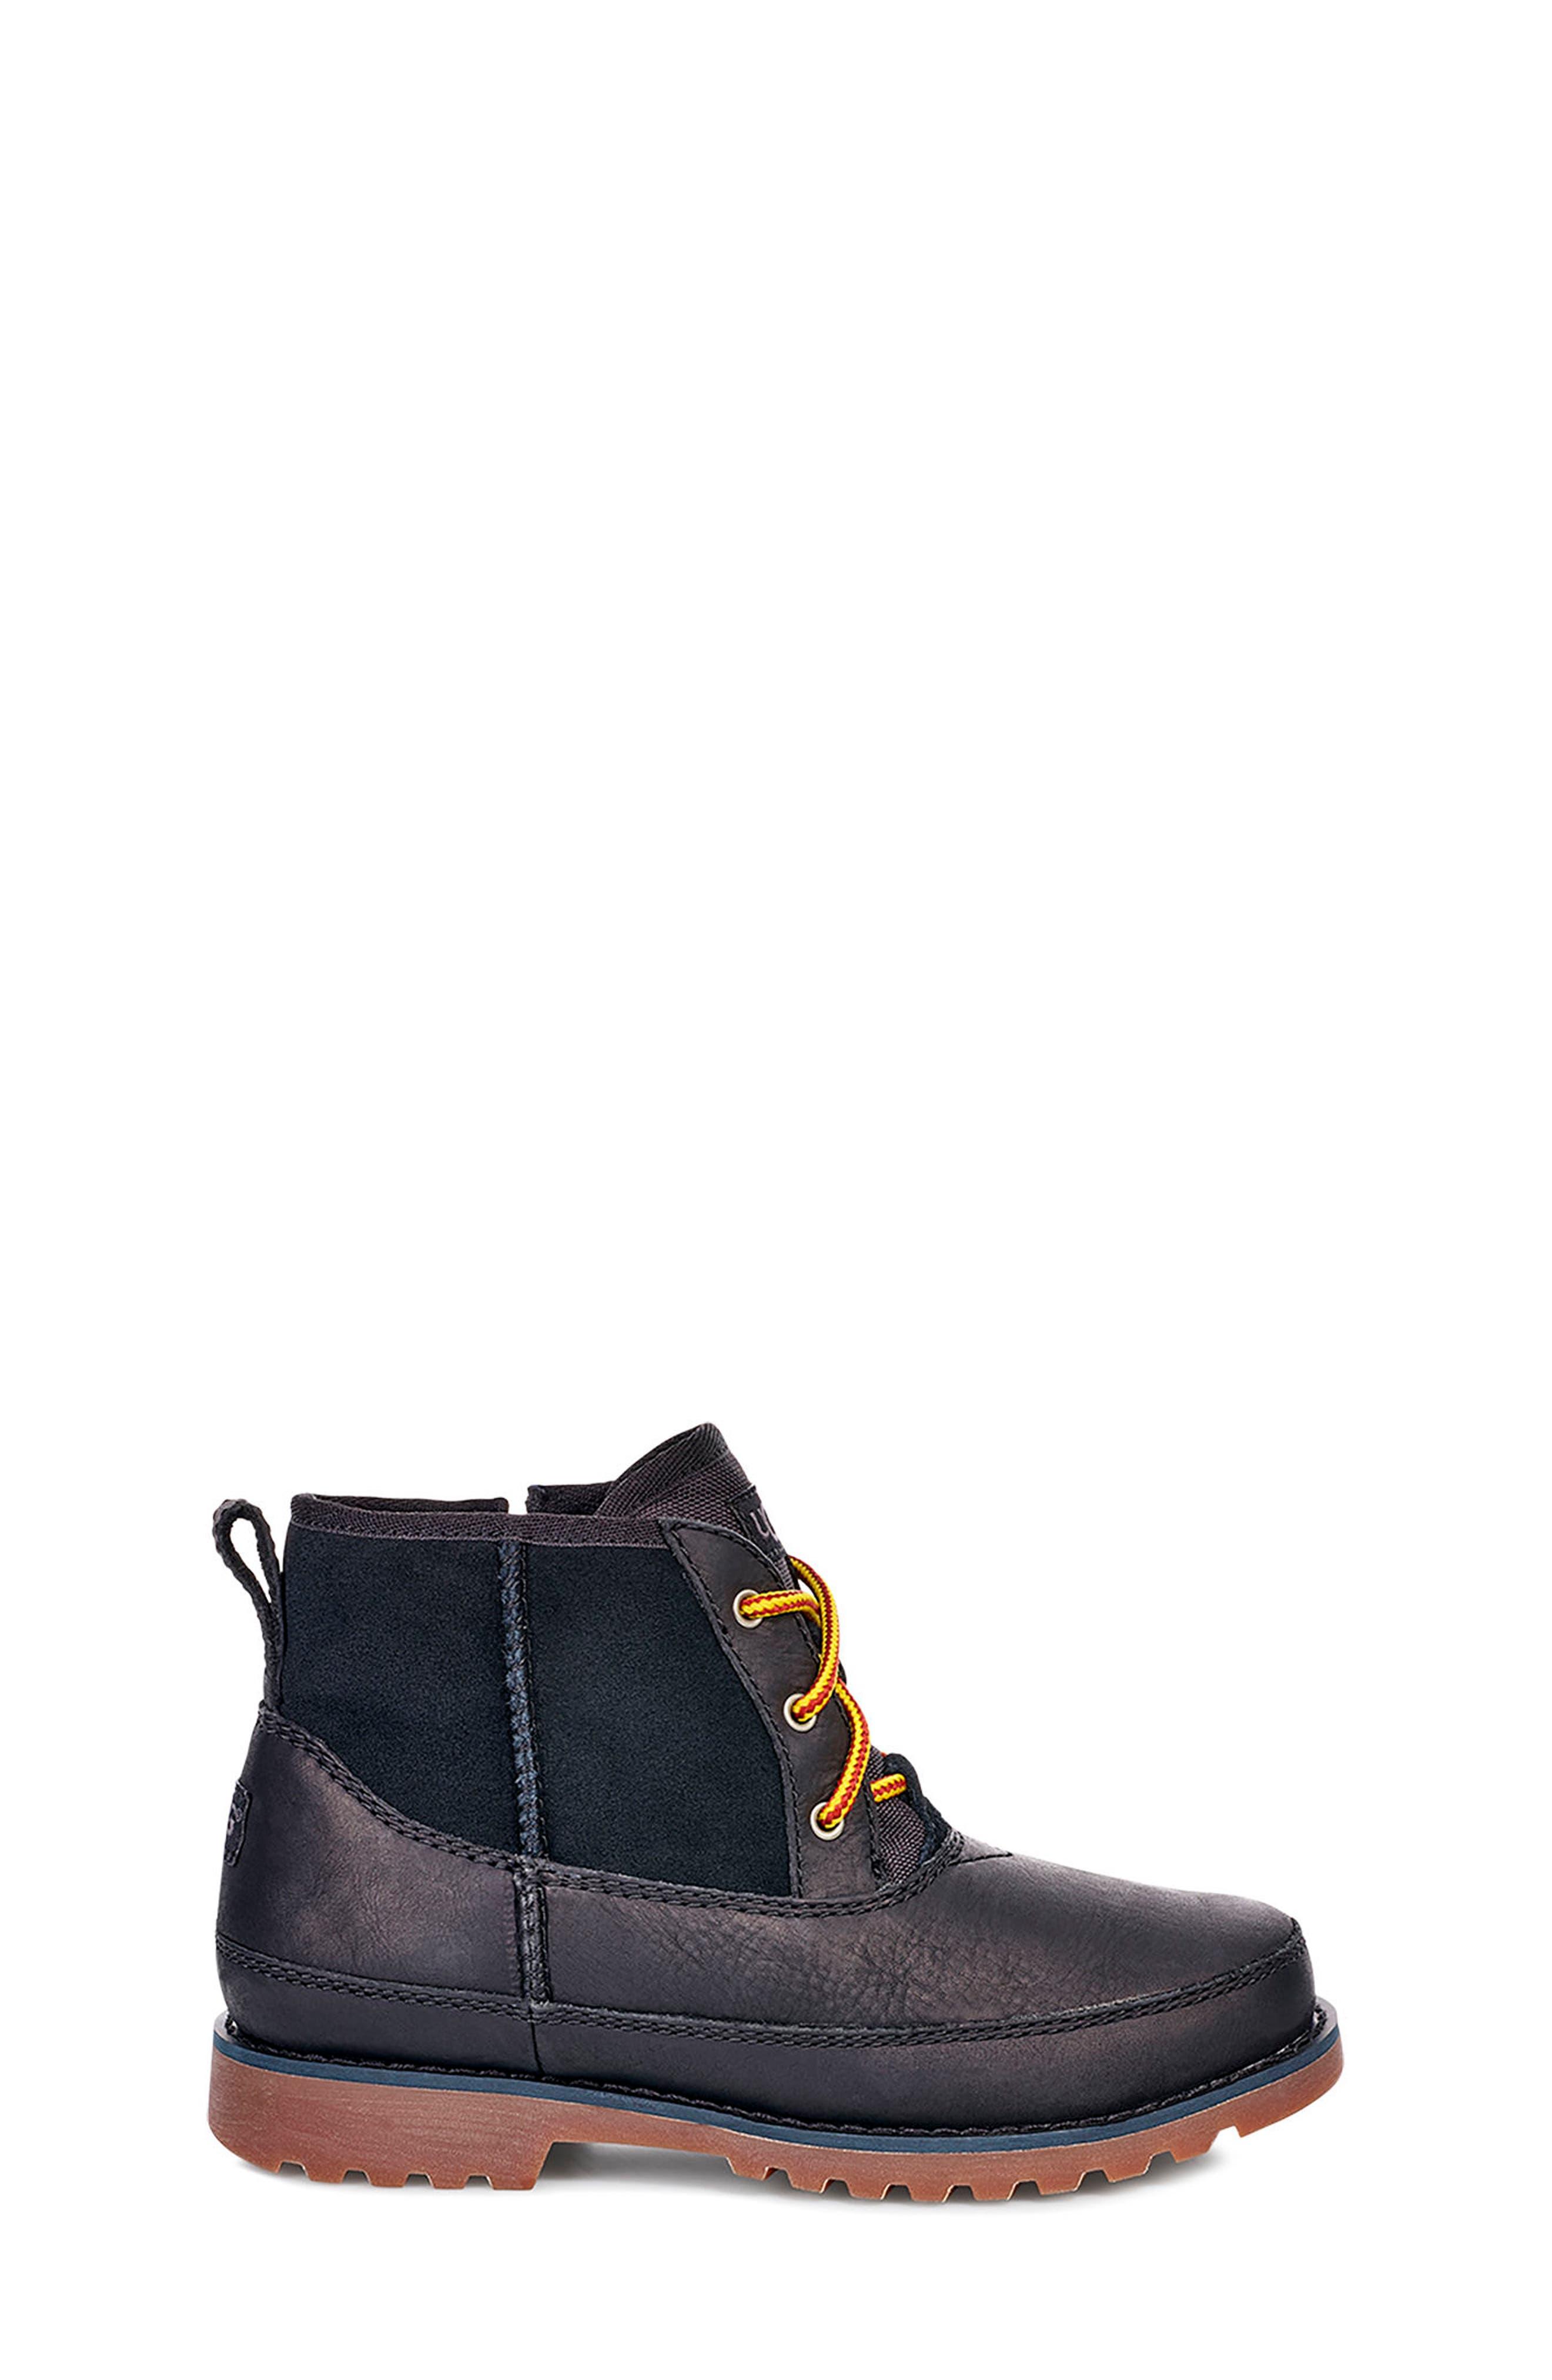 Bradley Waterproof Boot,                             Alternate thumbnail 2, color,                             BLACK